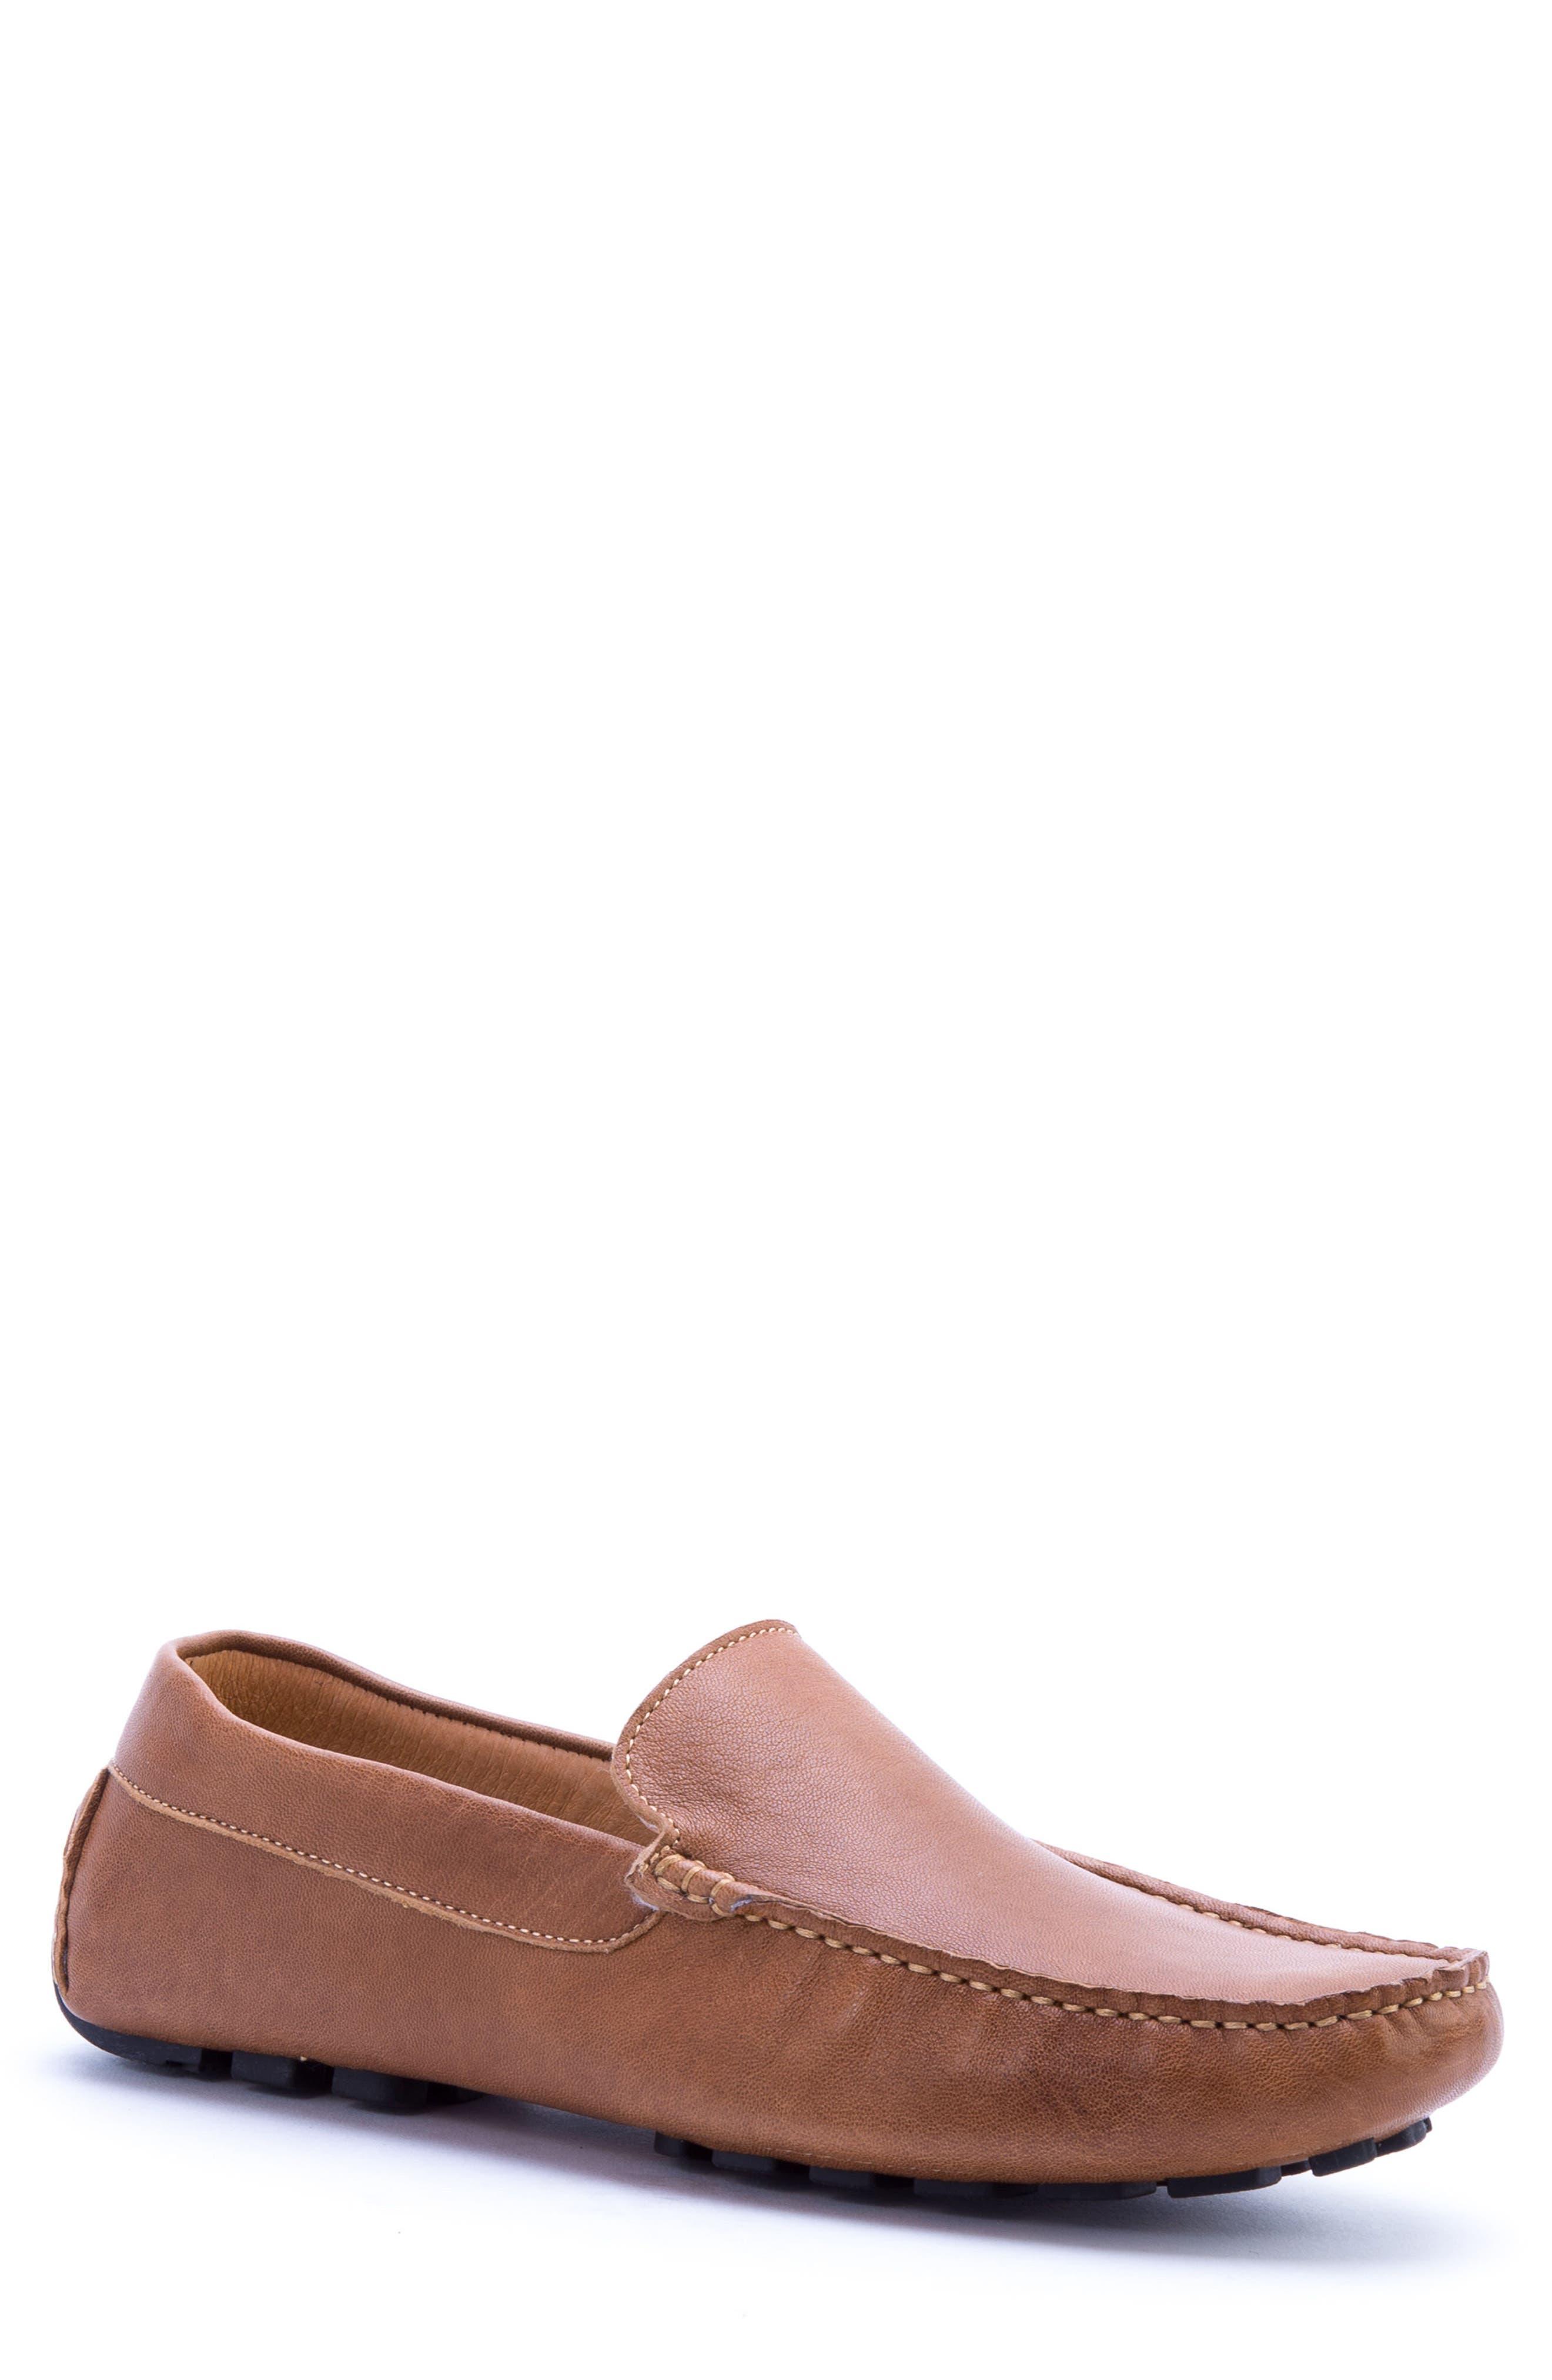 Zanzara Picasso 3 Moc Toe Driving Loafer, Brown